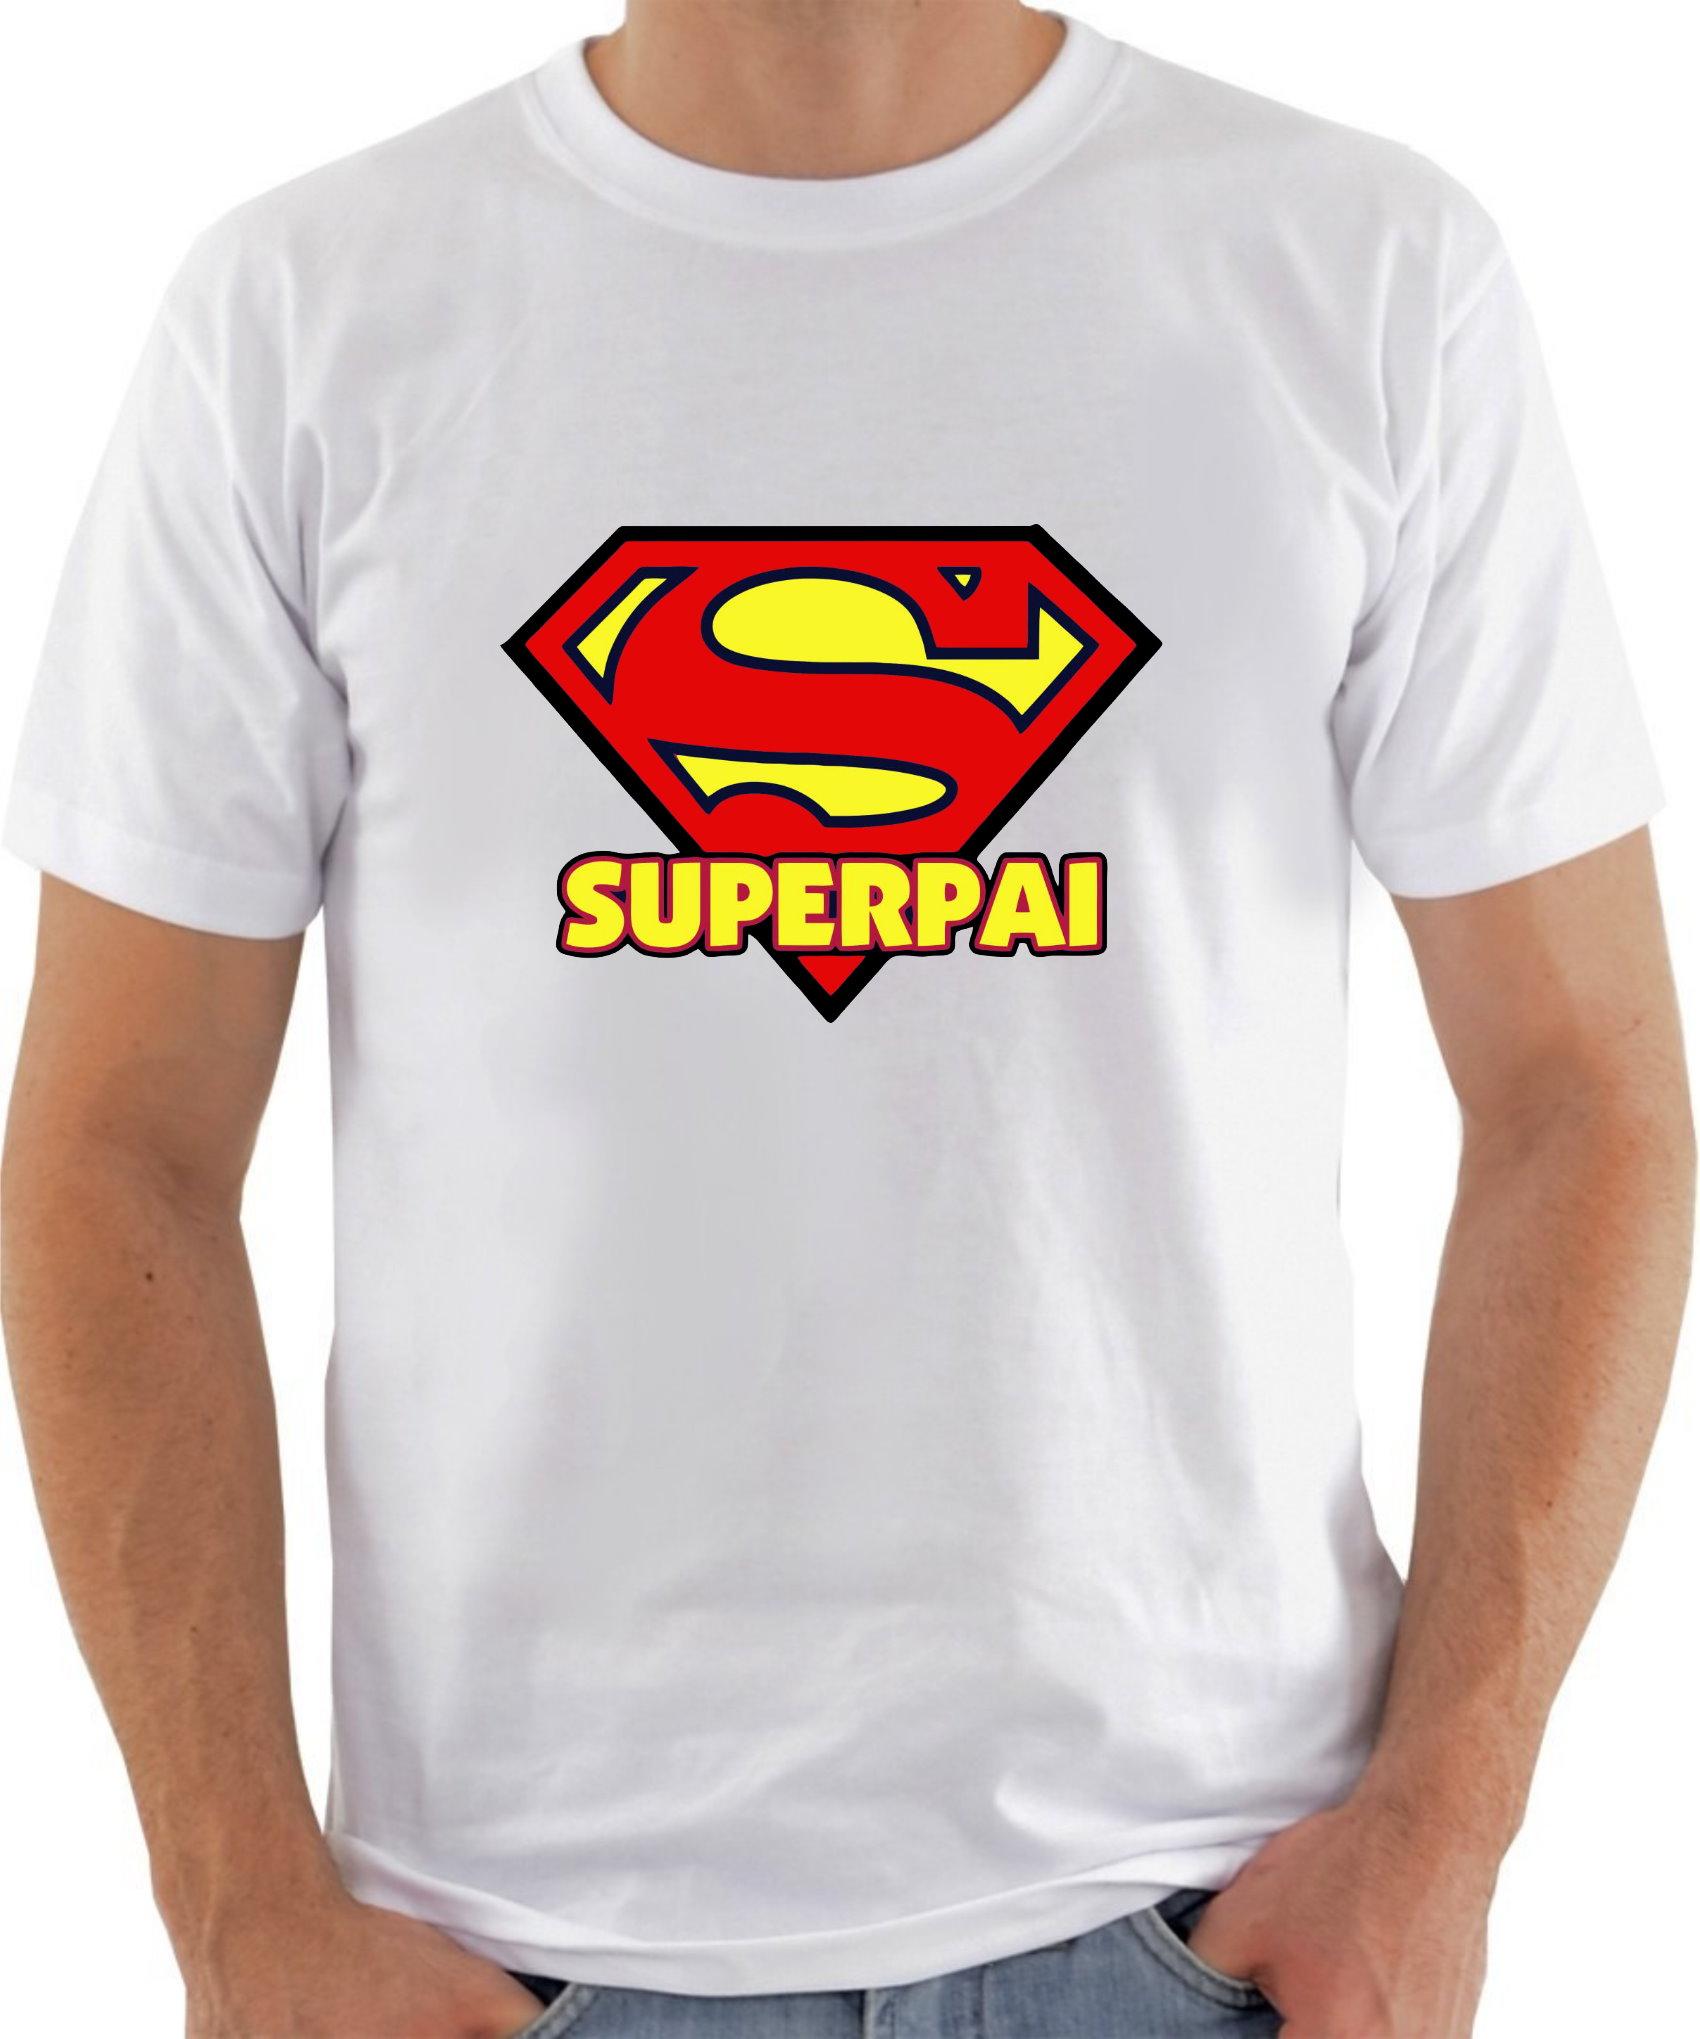 Camiseta Dia Dos Pais Super Pai Modelo 02